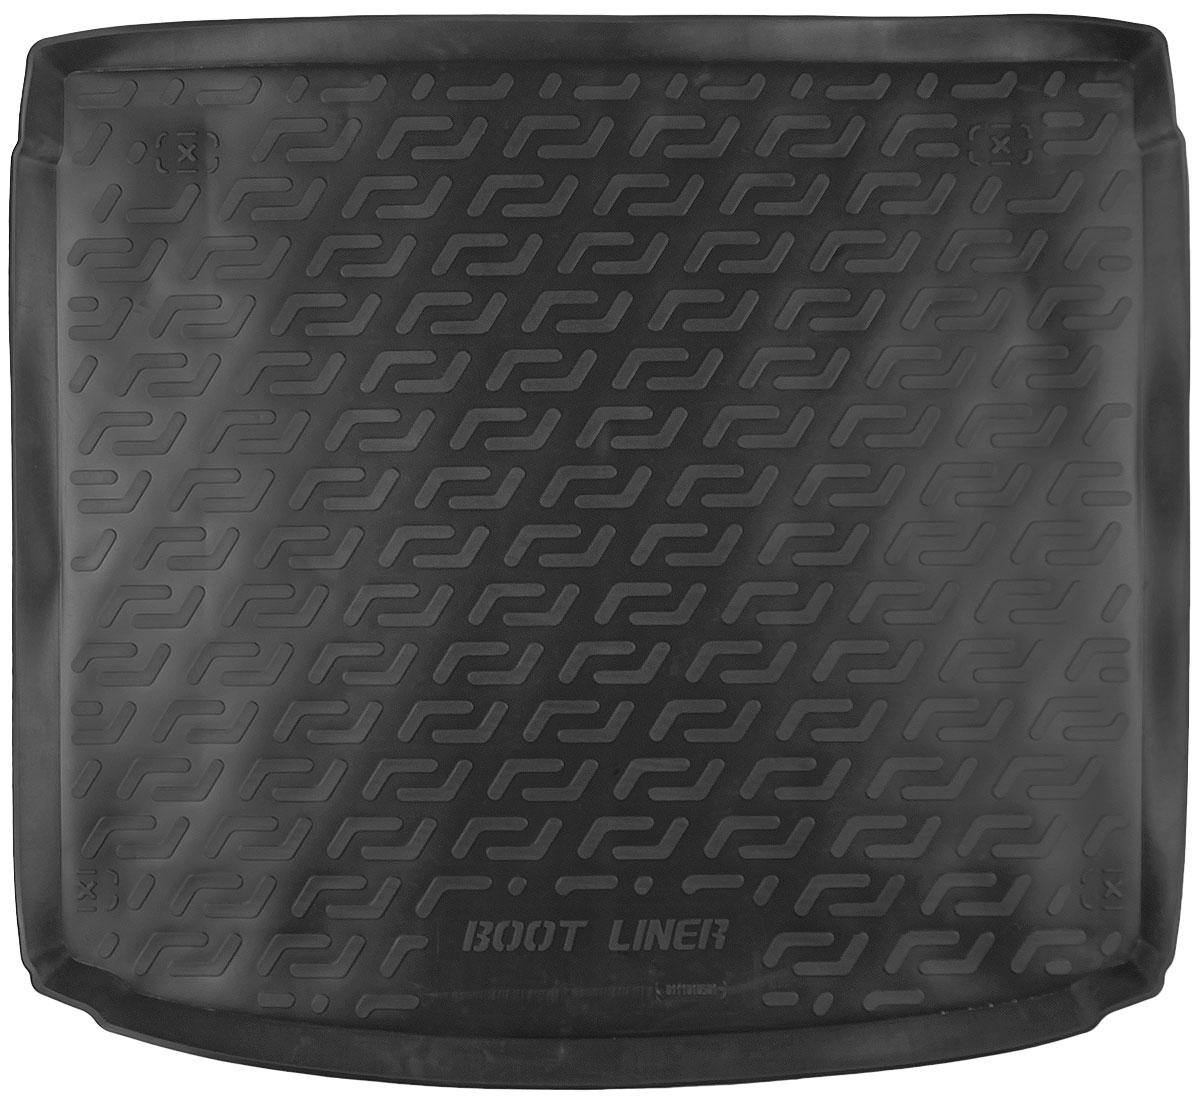 Коврик в багажник L.Locker, для Opel Astra H Caravan (04-)0105140101Коврик L.Locker производится индивидуально для каждой модели автомобиля из современного и экологически чистого материала. Изделие точно повторяет геометрию пола автомобиля, имеет высокий борт, обладает повышенной износоустойчивостью, антискользящими свойствами, лишен резкого запаха и сохраняет свои потребительские свойства в широком диапазоне температур (от -50°С до +80°С).